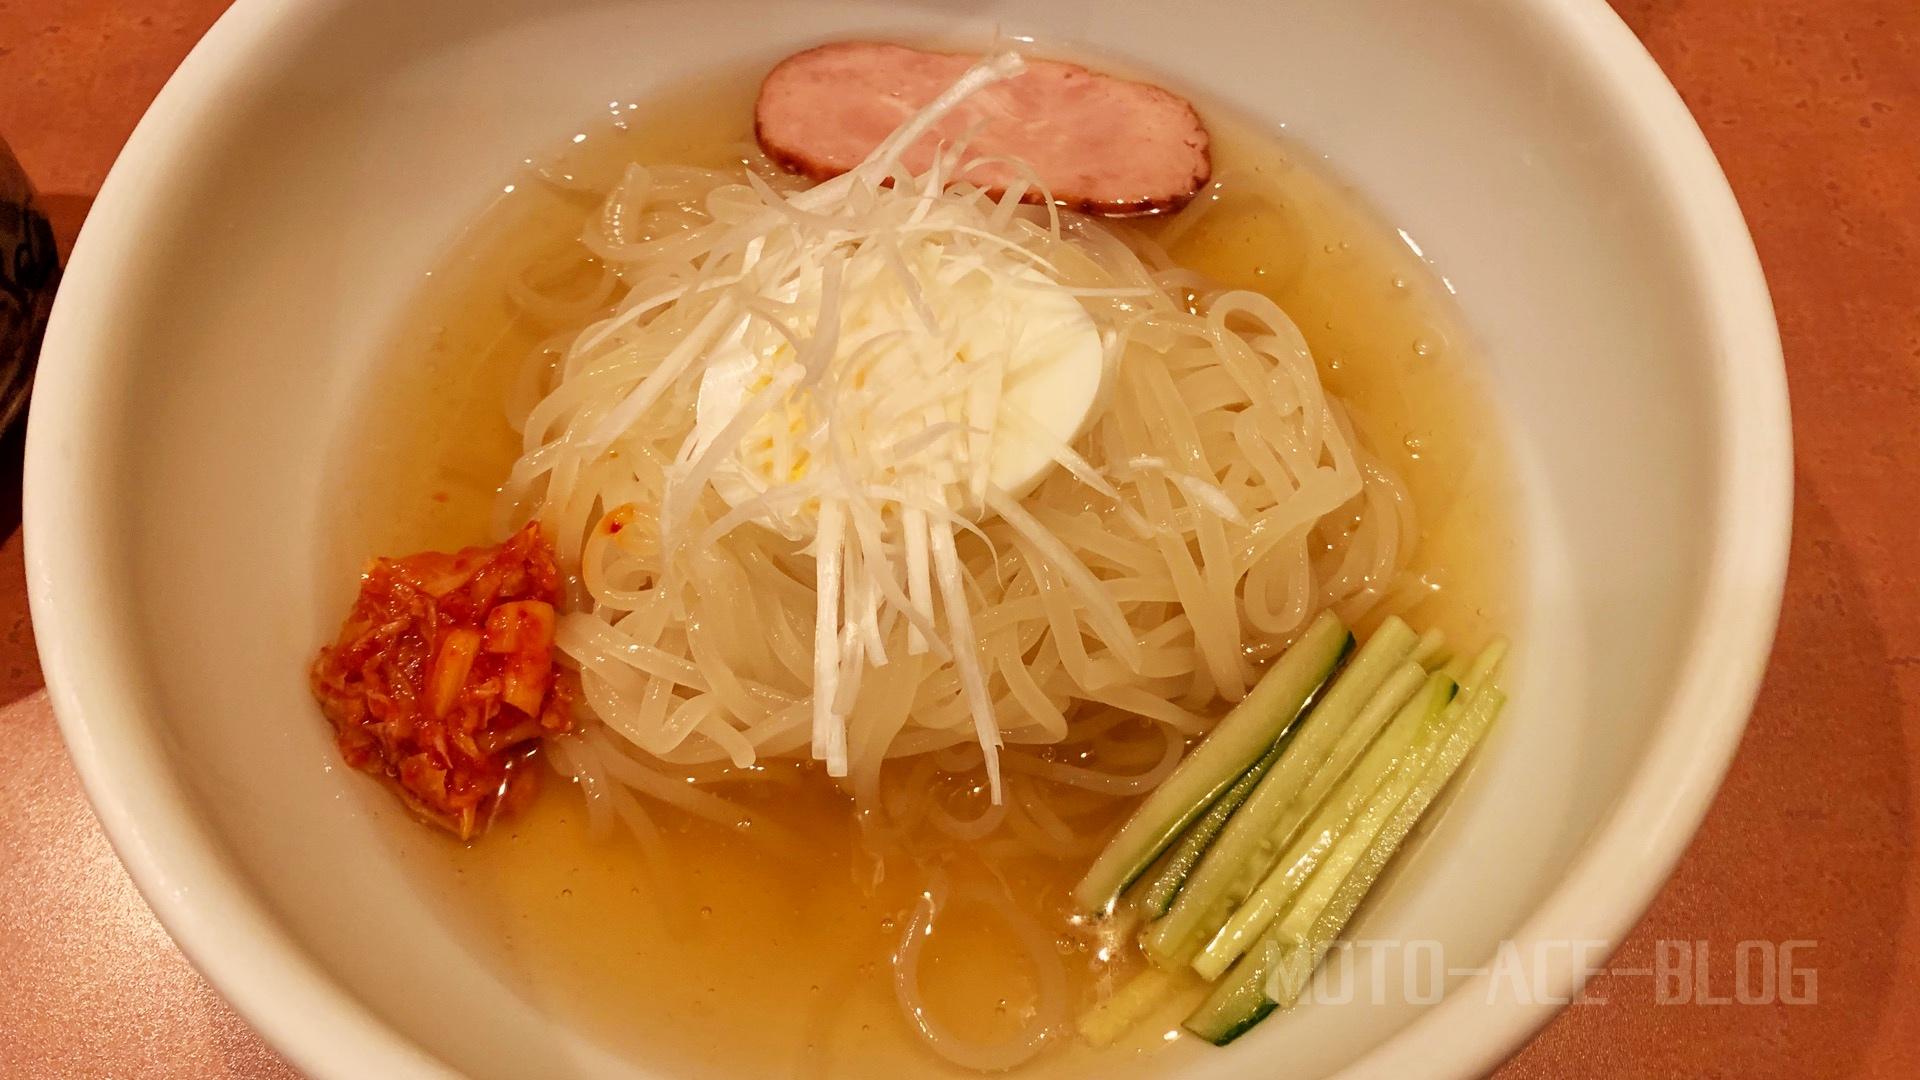 【豊橋】焼き肉嵐山の冷麺が超絶上手くておススメな件|ジュレがたまらん!